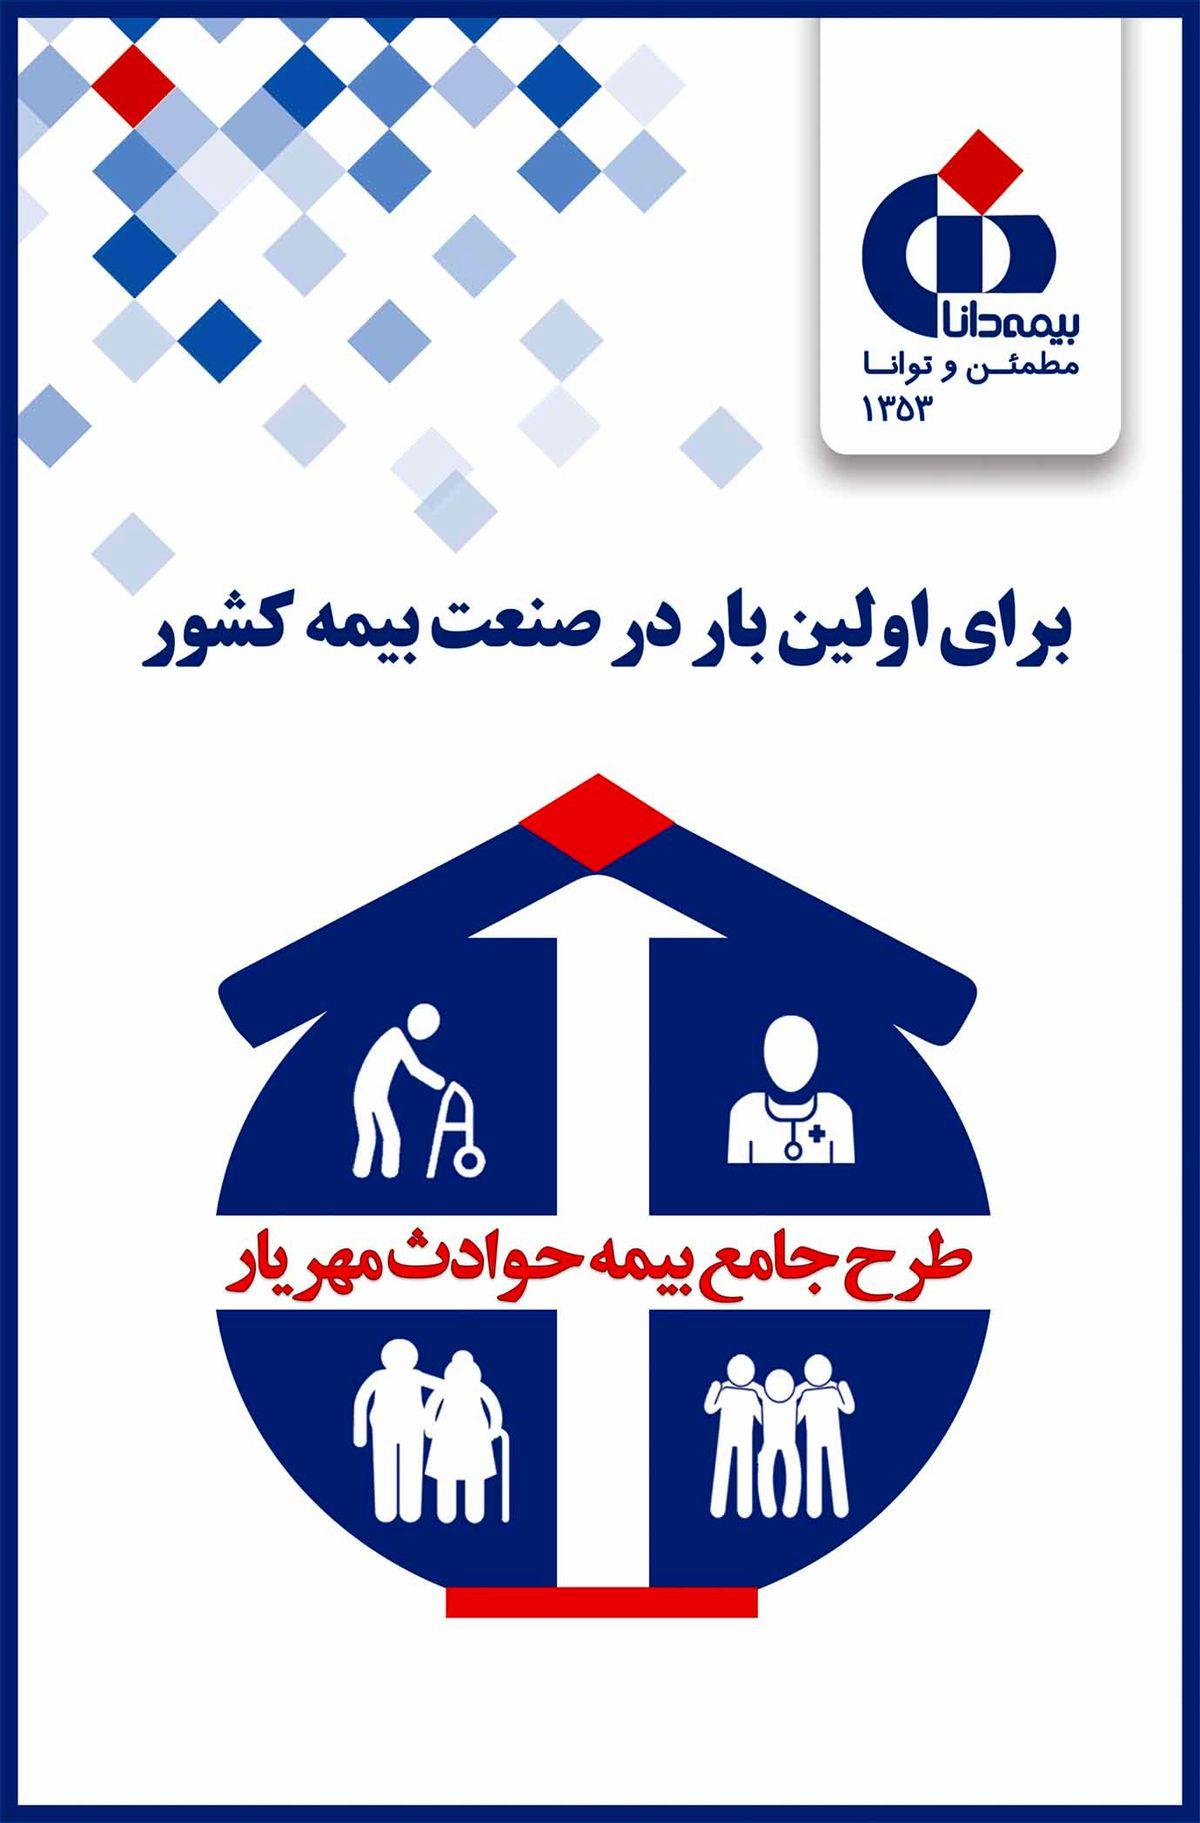 تسهیلات ویژه بیمه دانا به مناسبت ایام خجسته دهه فجر